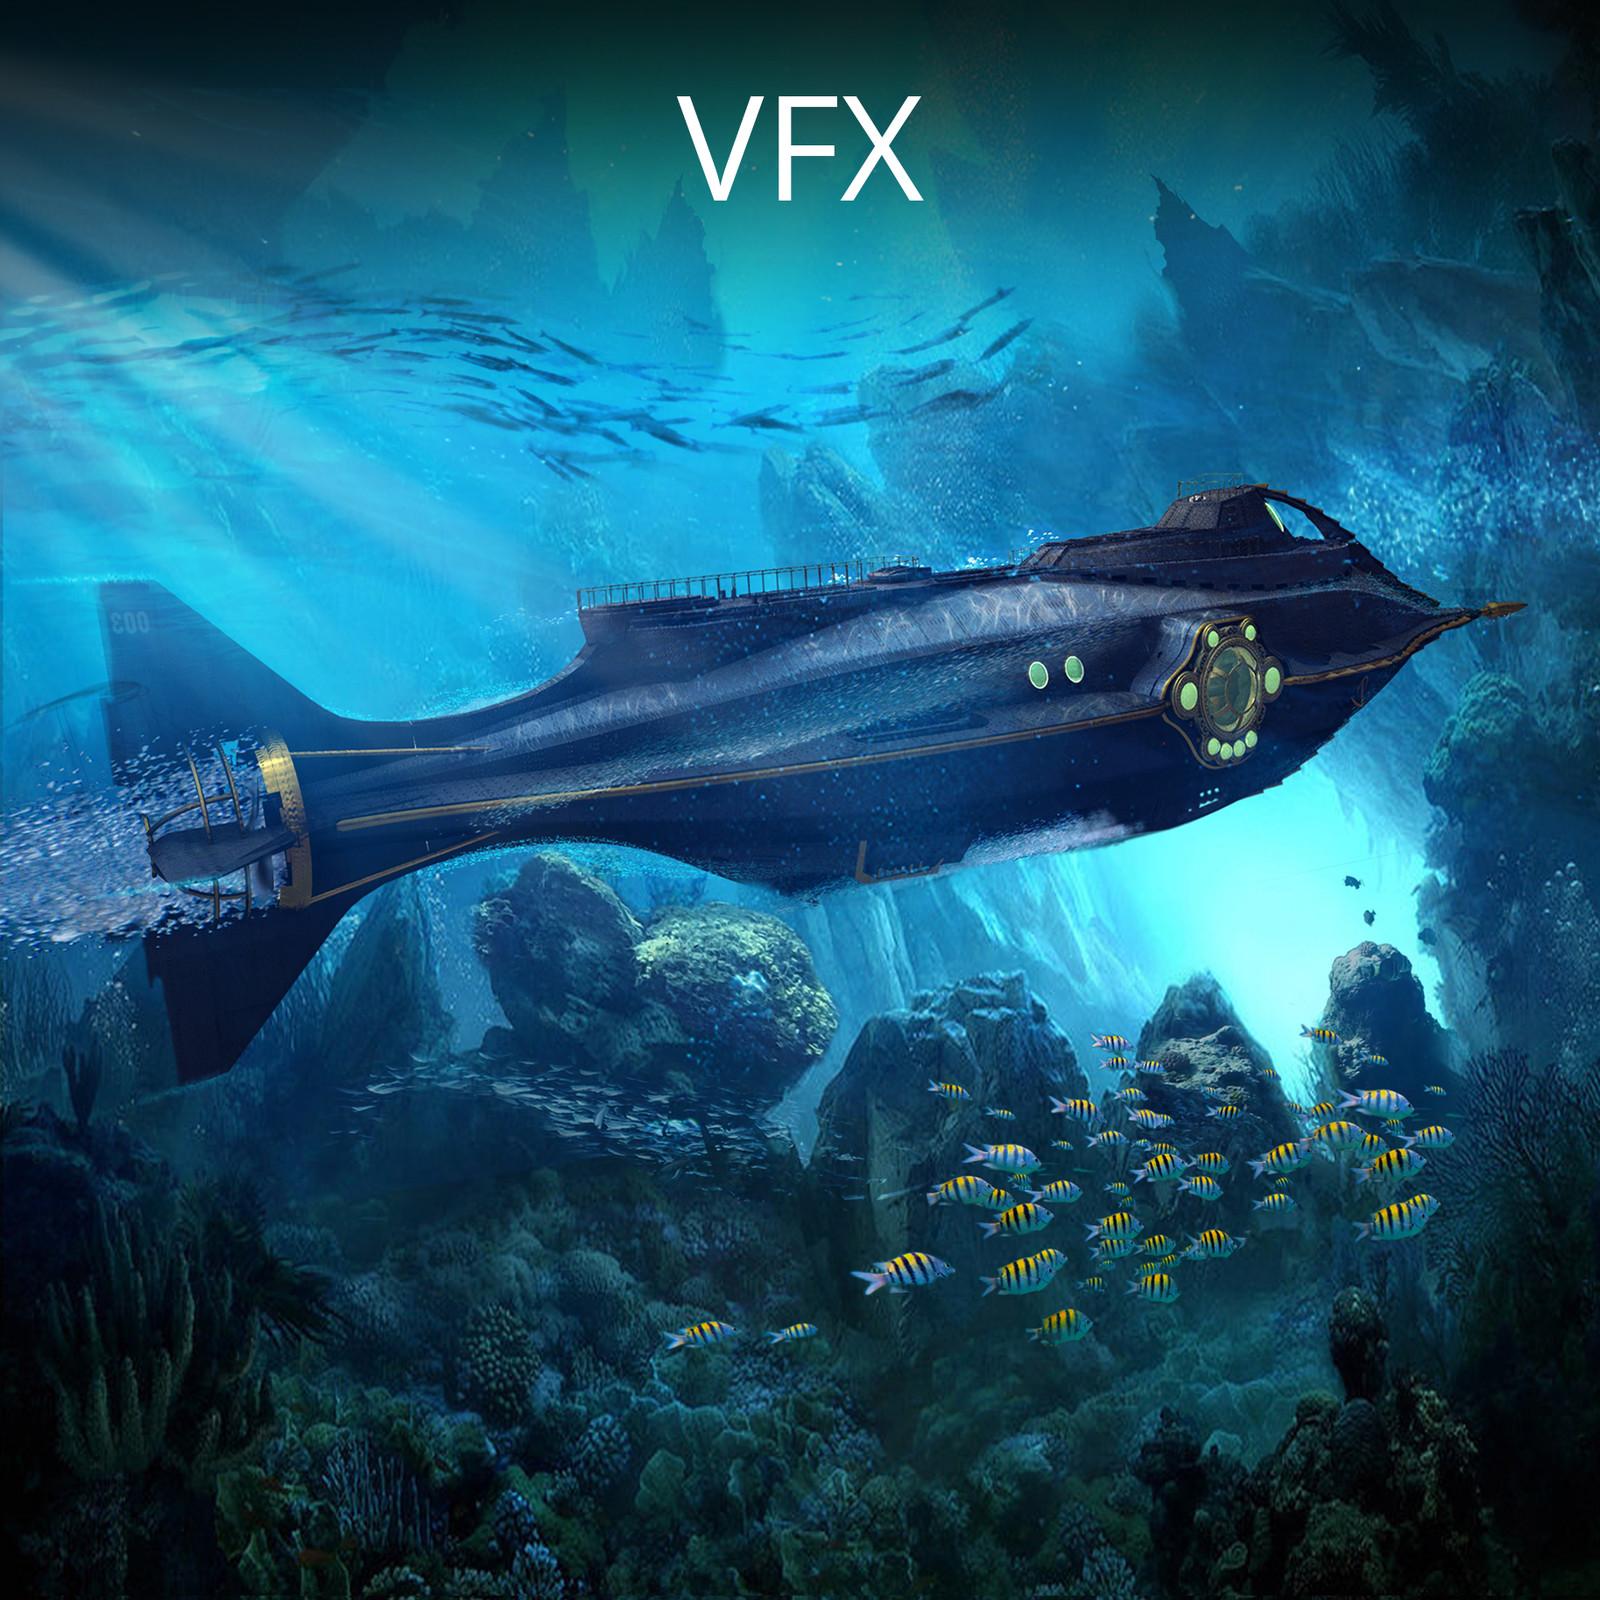 3D VFX Concepts